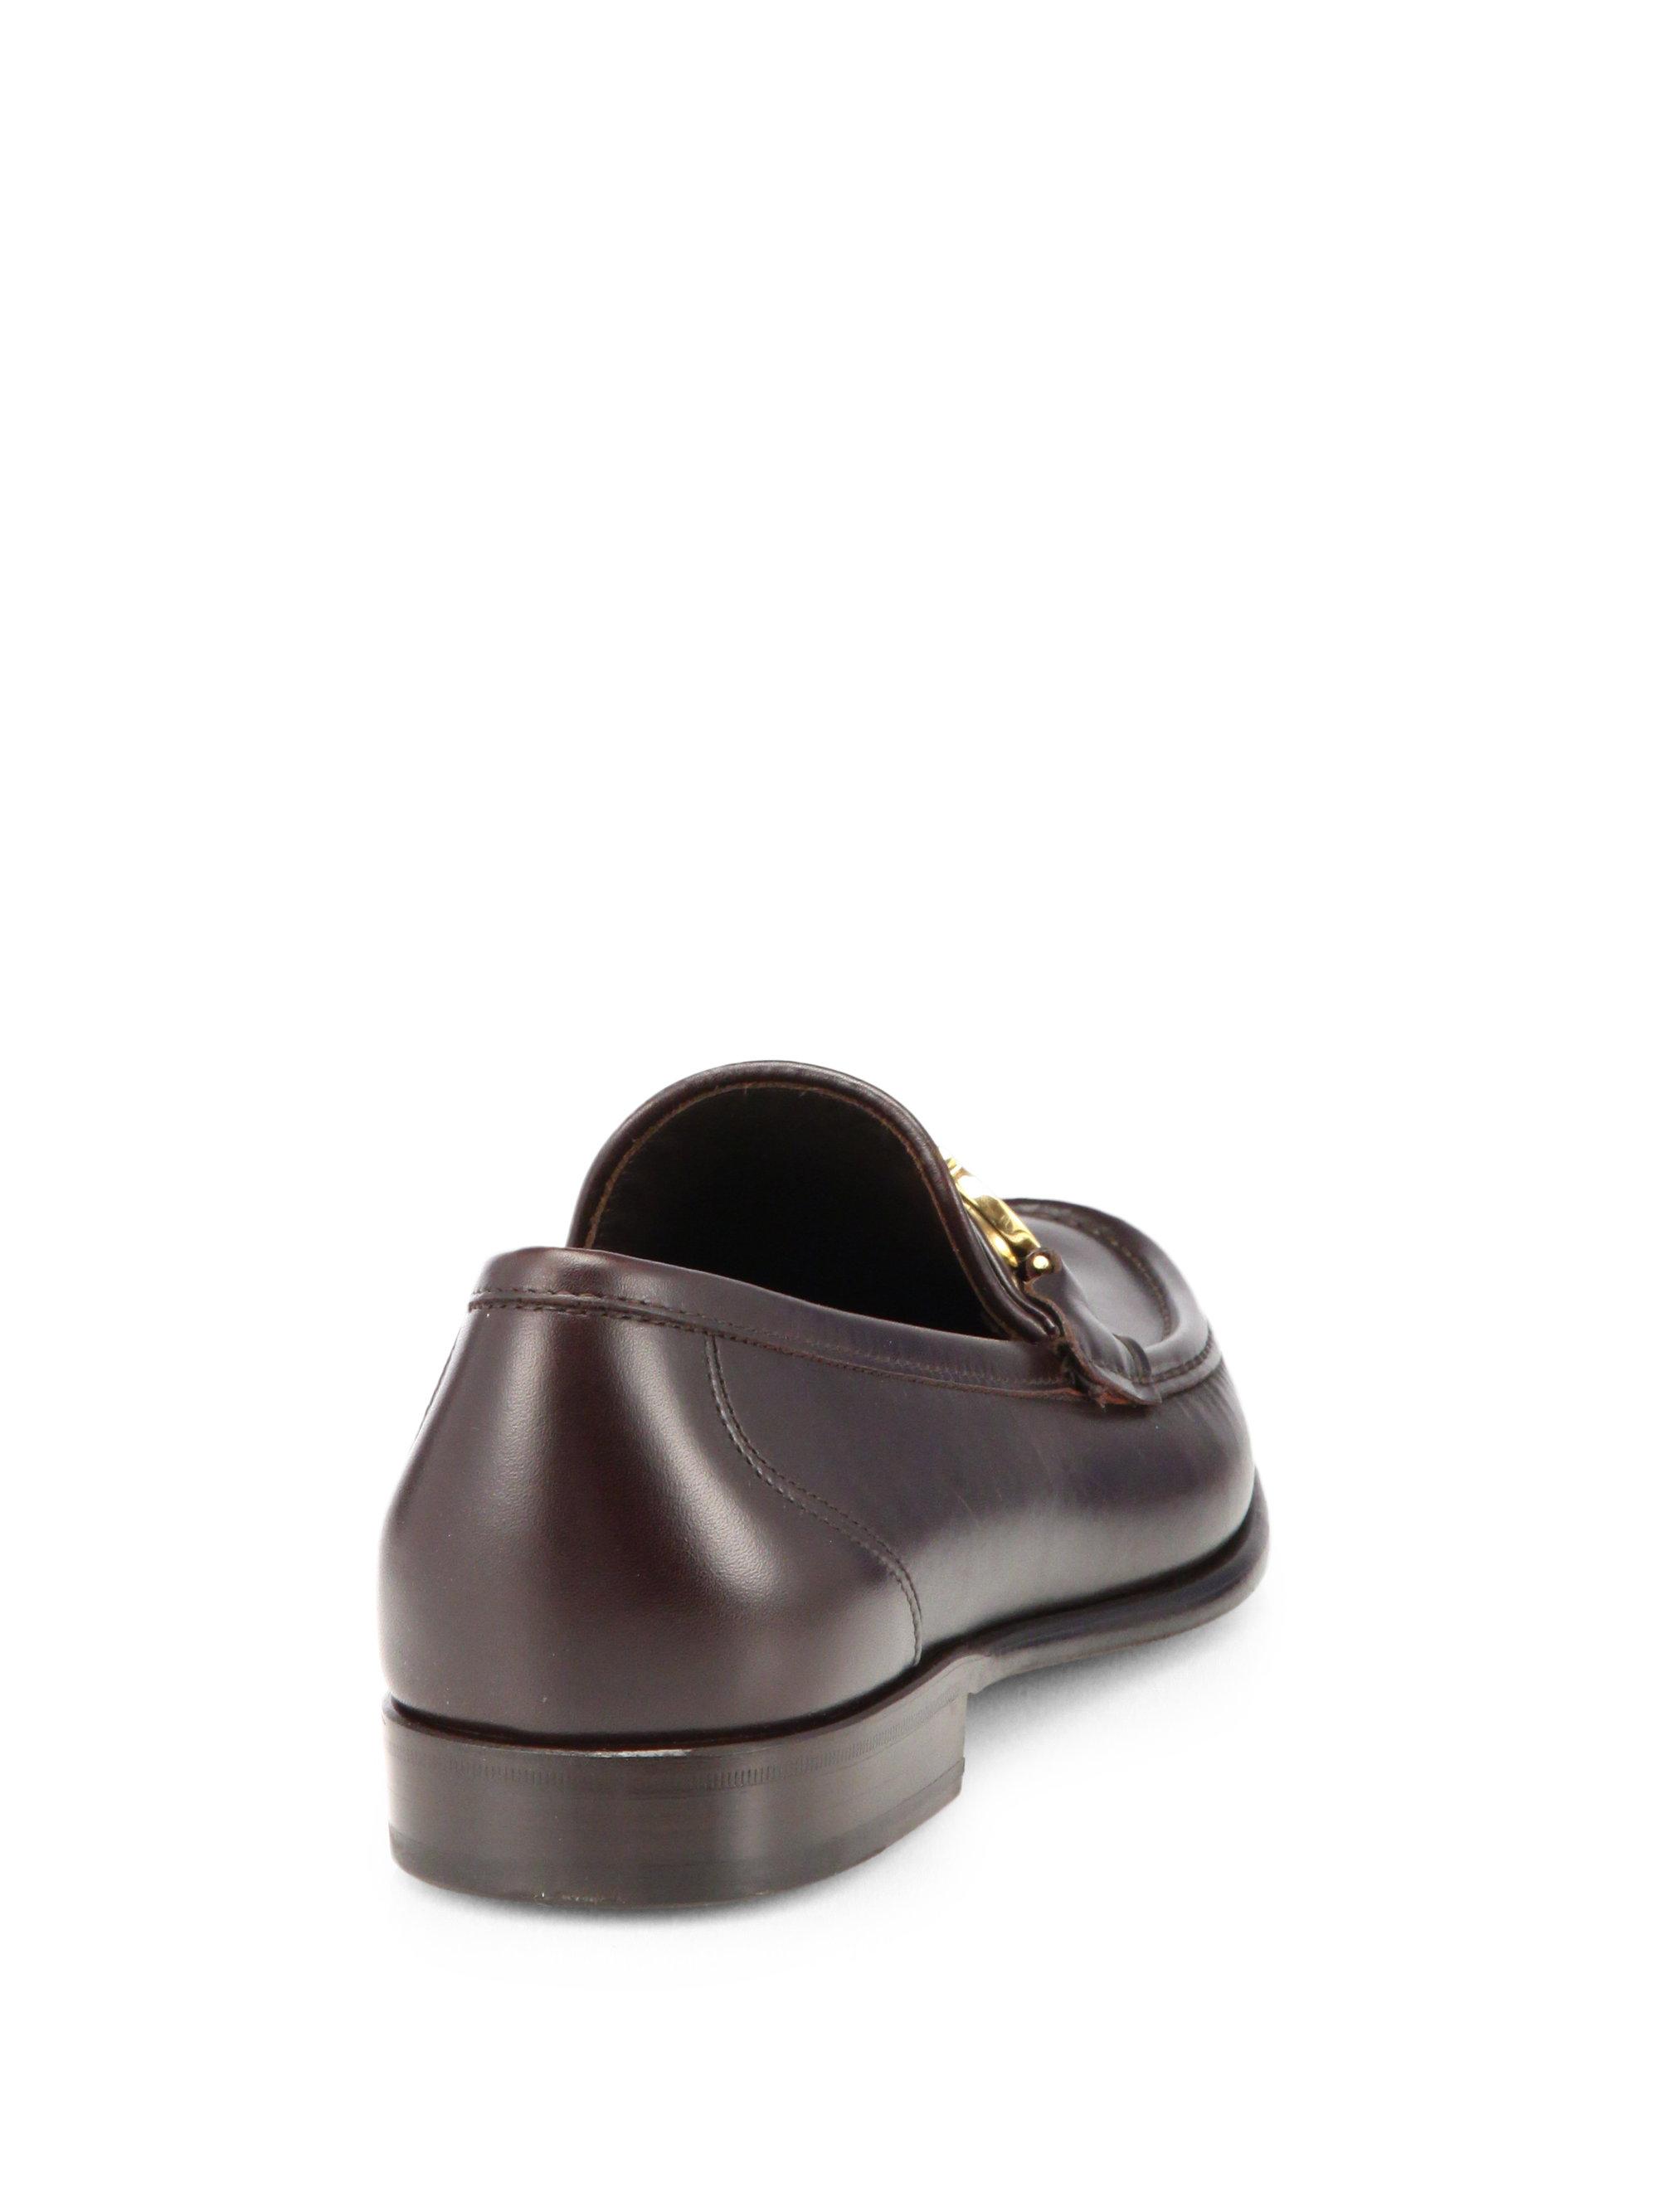 Ferragamo Side Bit Mens Shoes